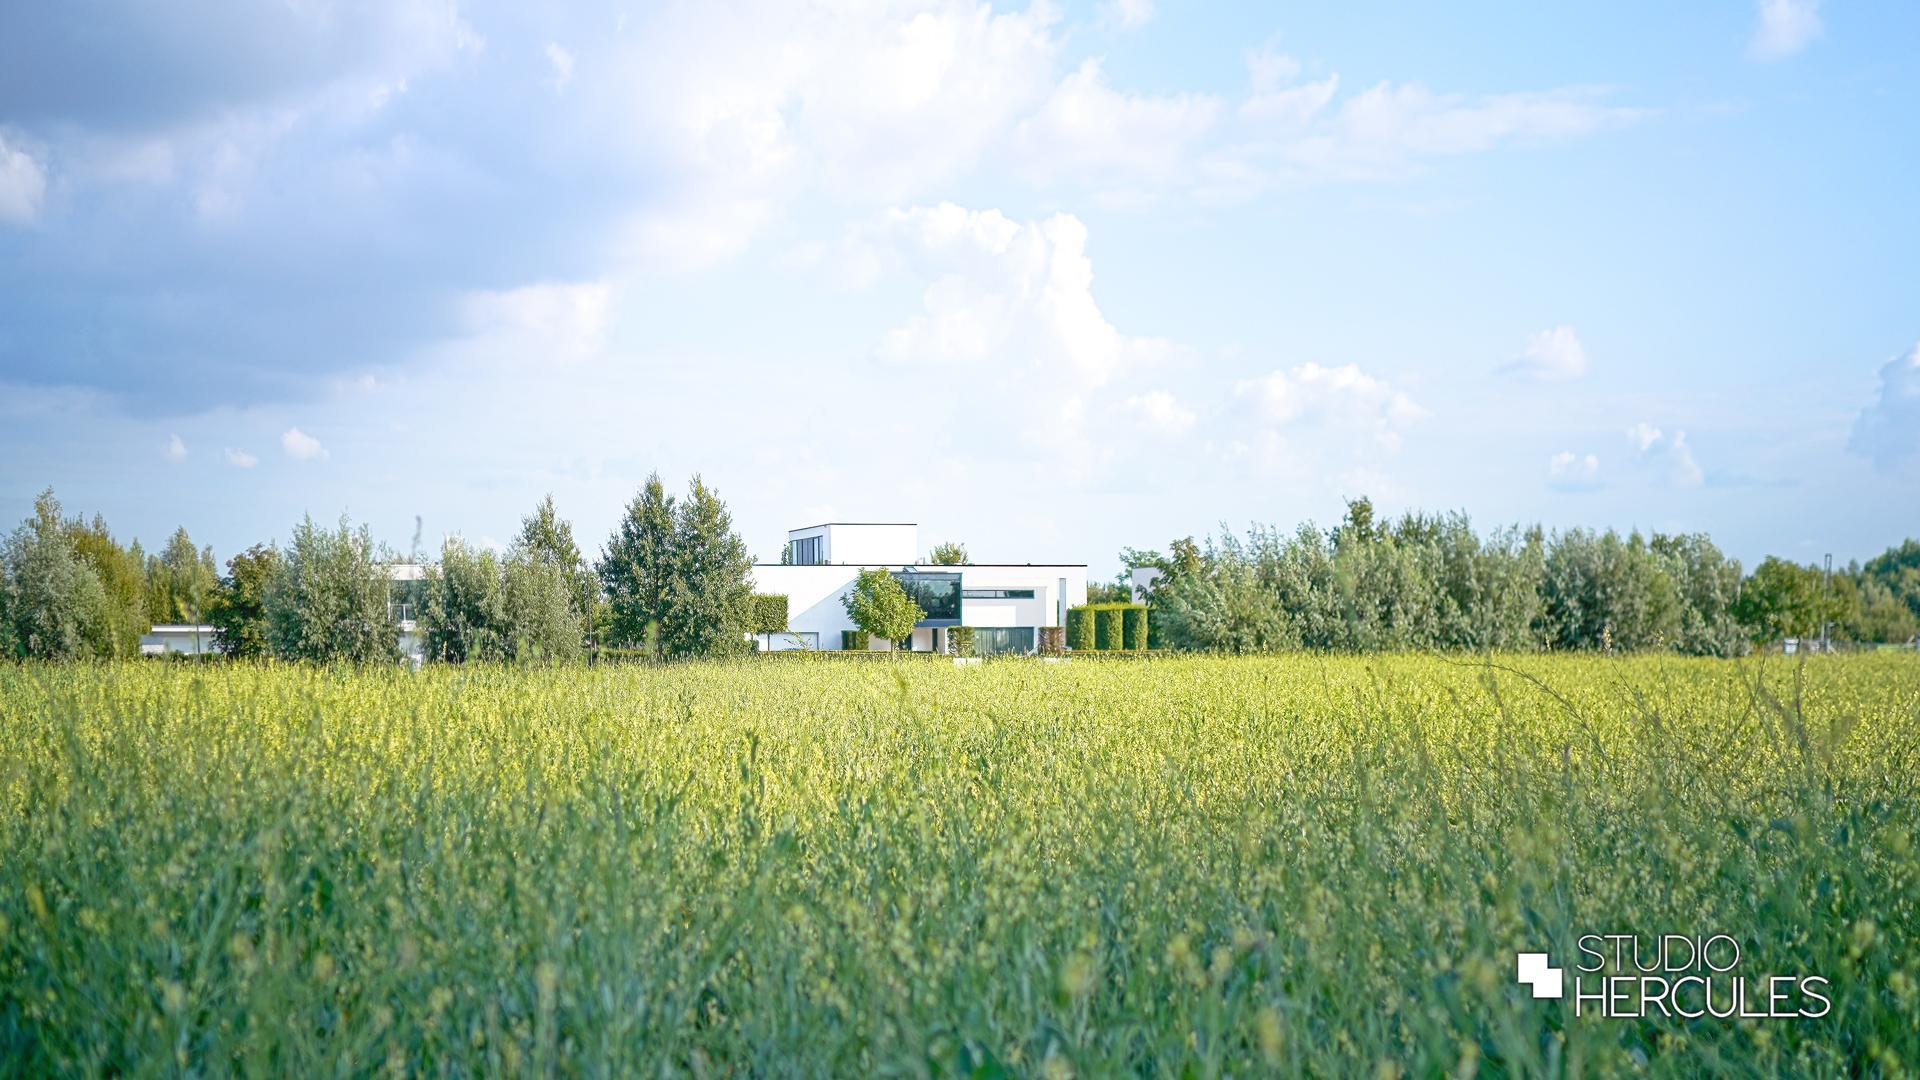 StudioHercules Hedendaagse villa in het groene landschap.